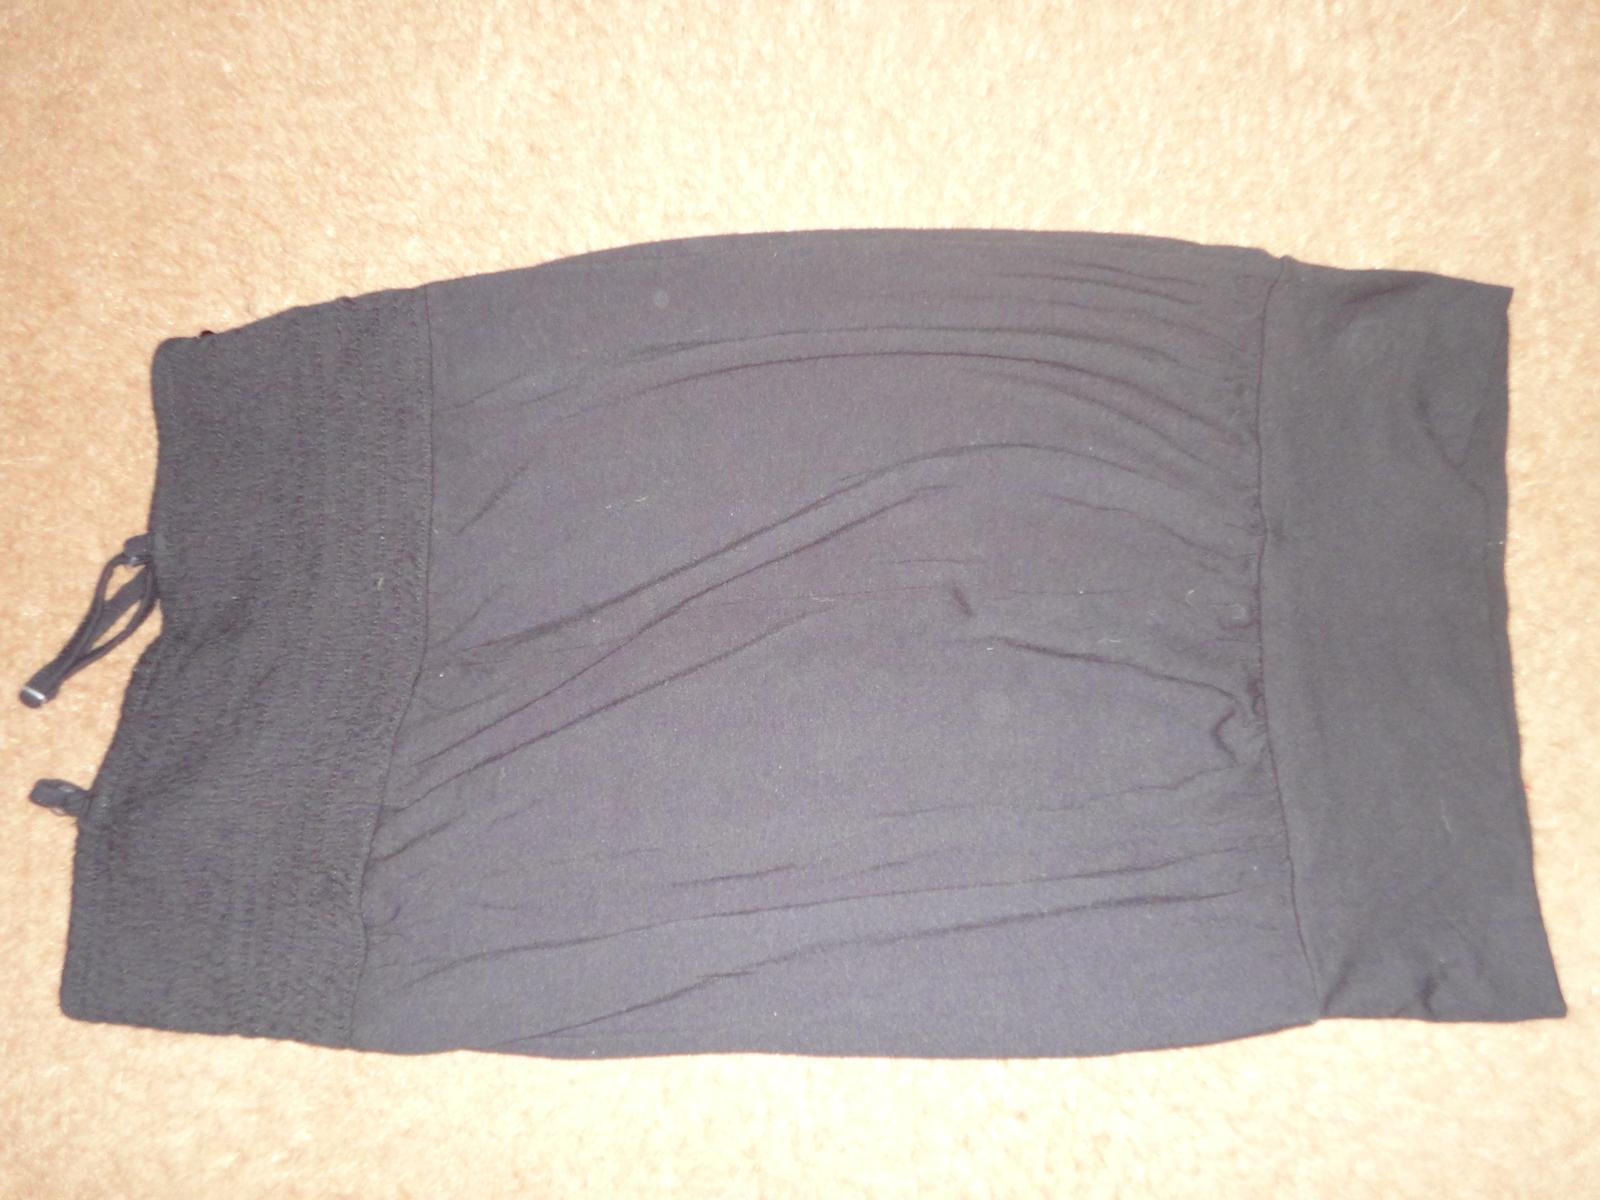 čierné tričko, tunika  - Obrázok č. 3